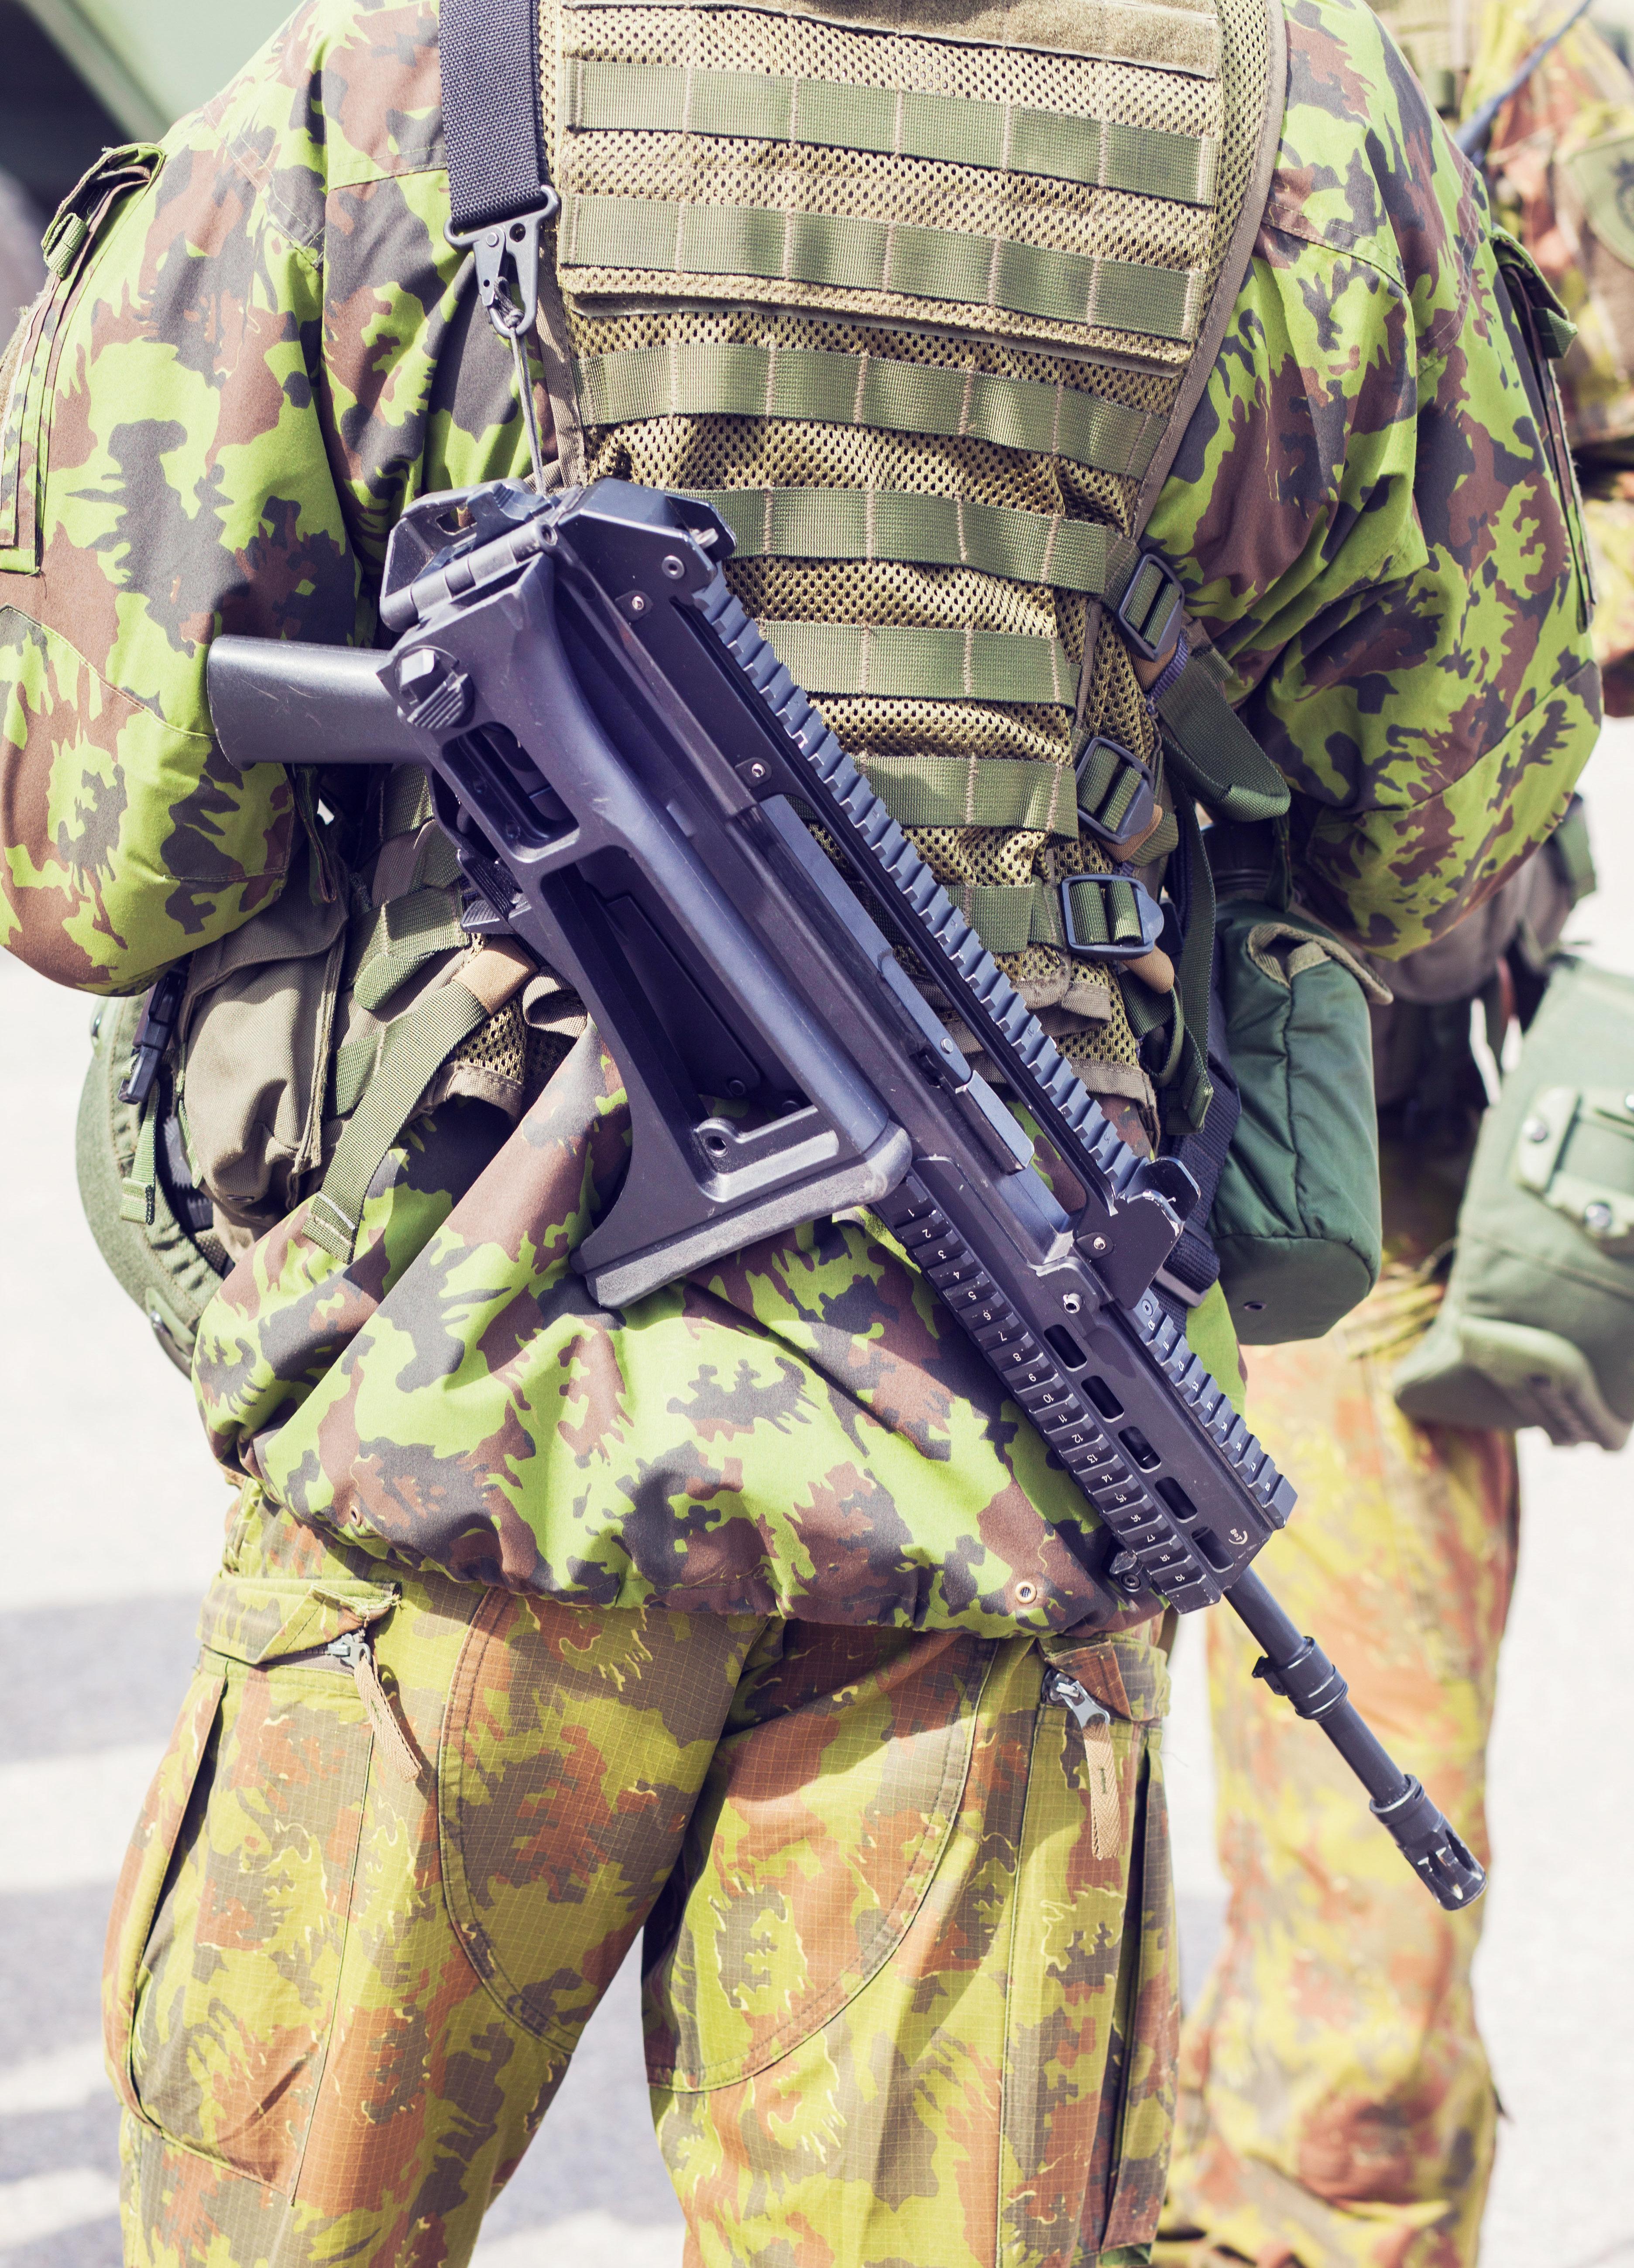 Εκκολαπτόμενο σκάνδαλο στη Γερμανία για τη χρήση γερμανικών όπλων στην